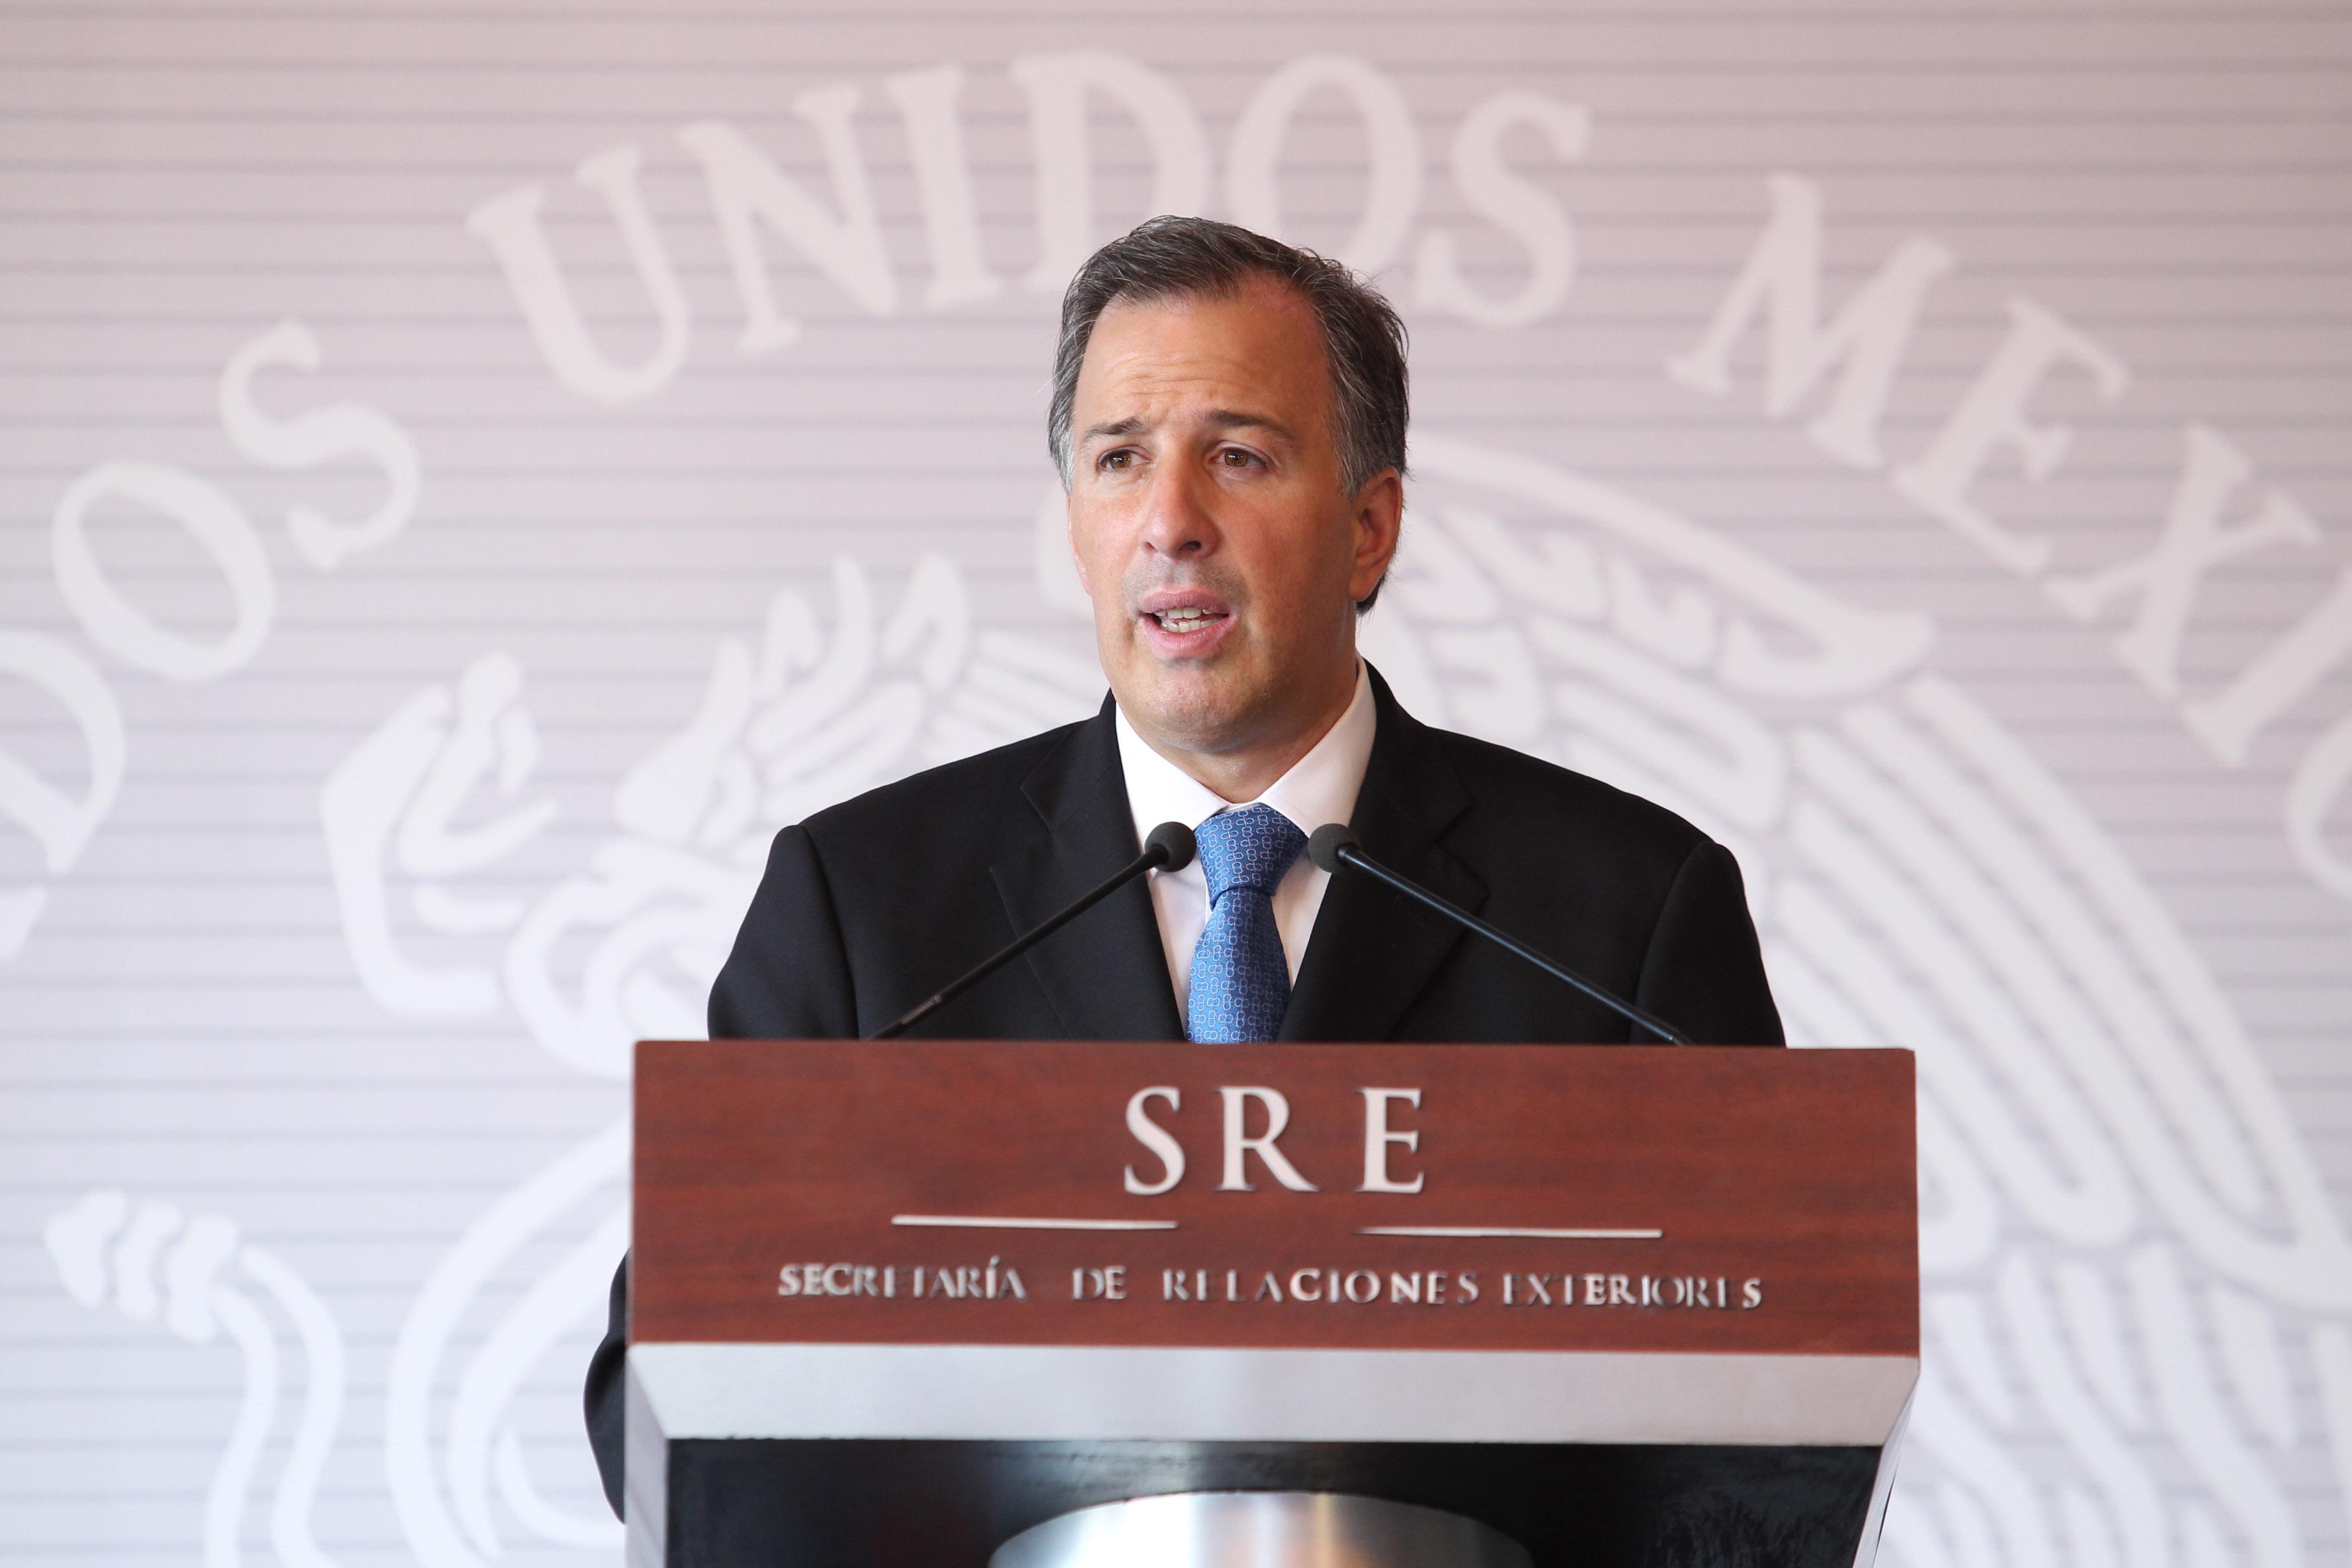 FOTO 2 Conferencia de prensa del canciller Jos  Antonio Meadejpg